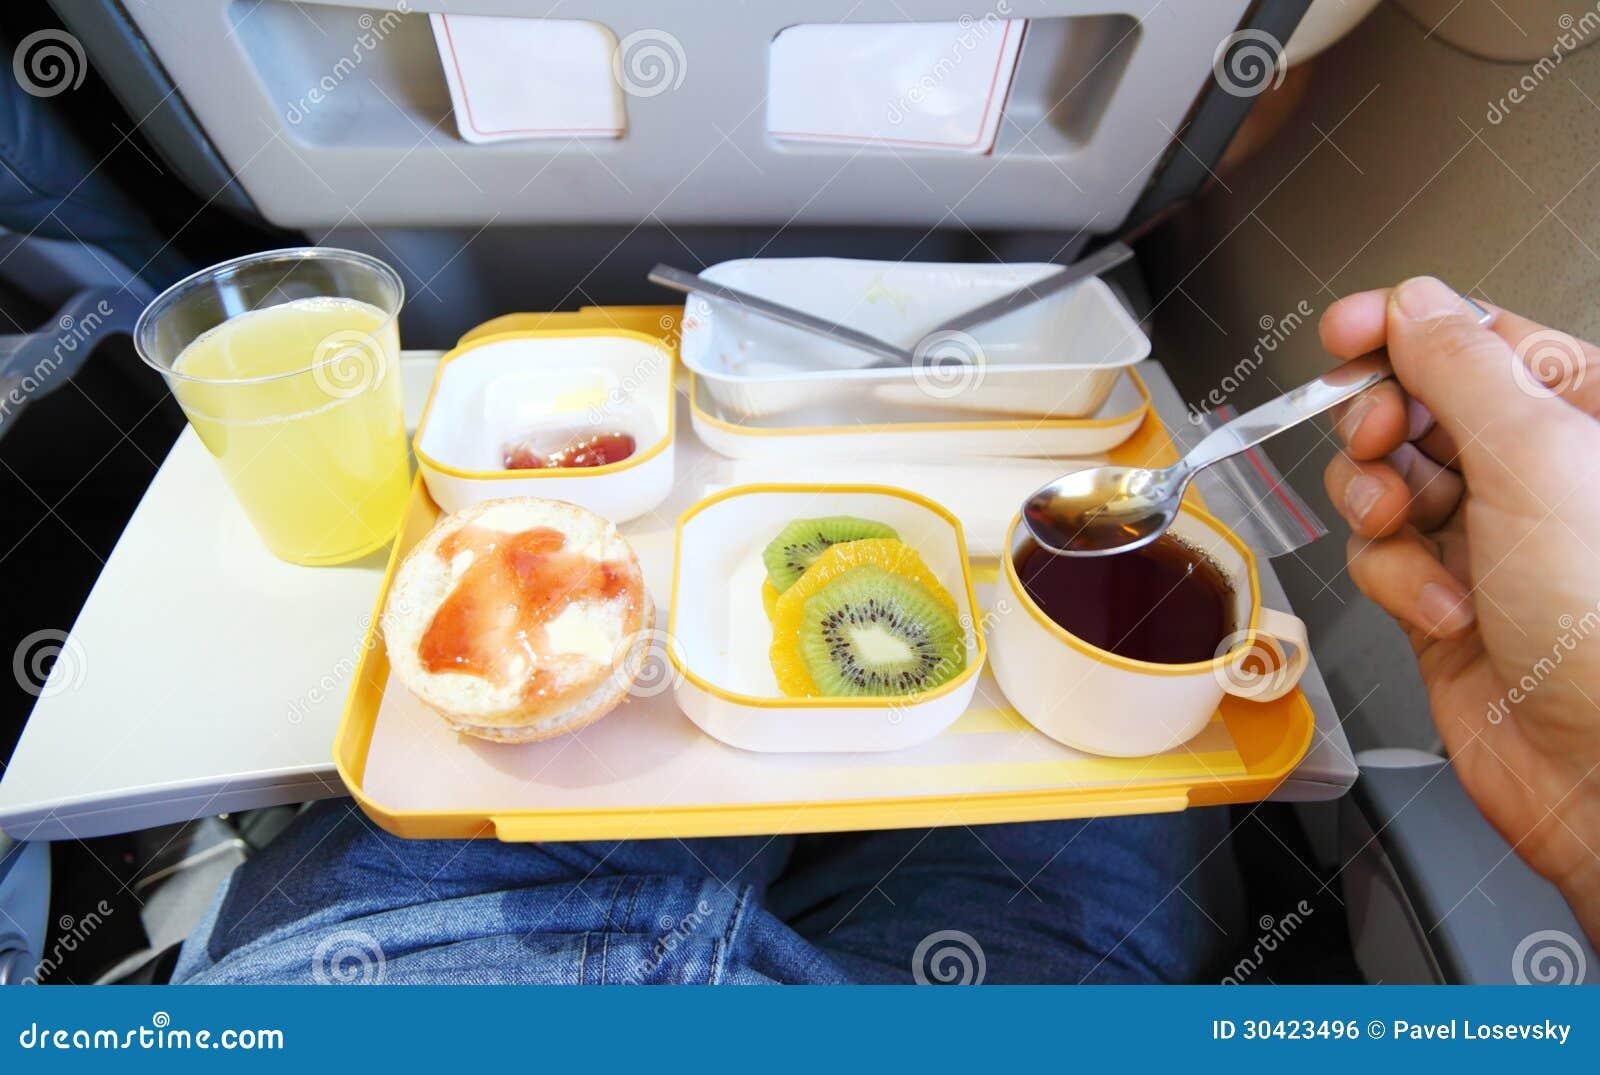 Breakfast in plane